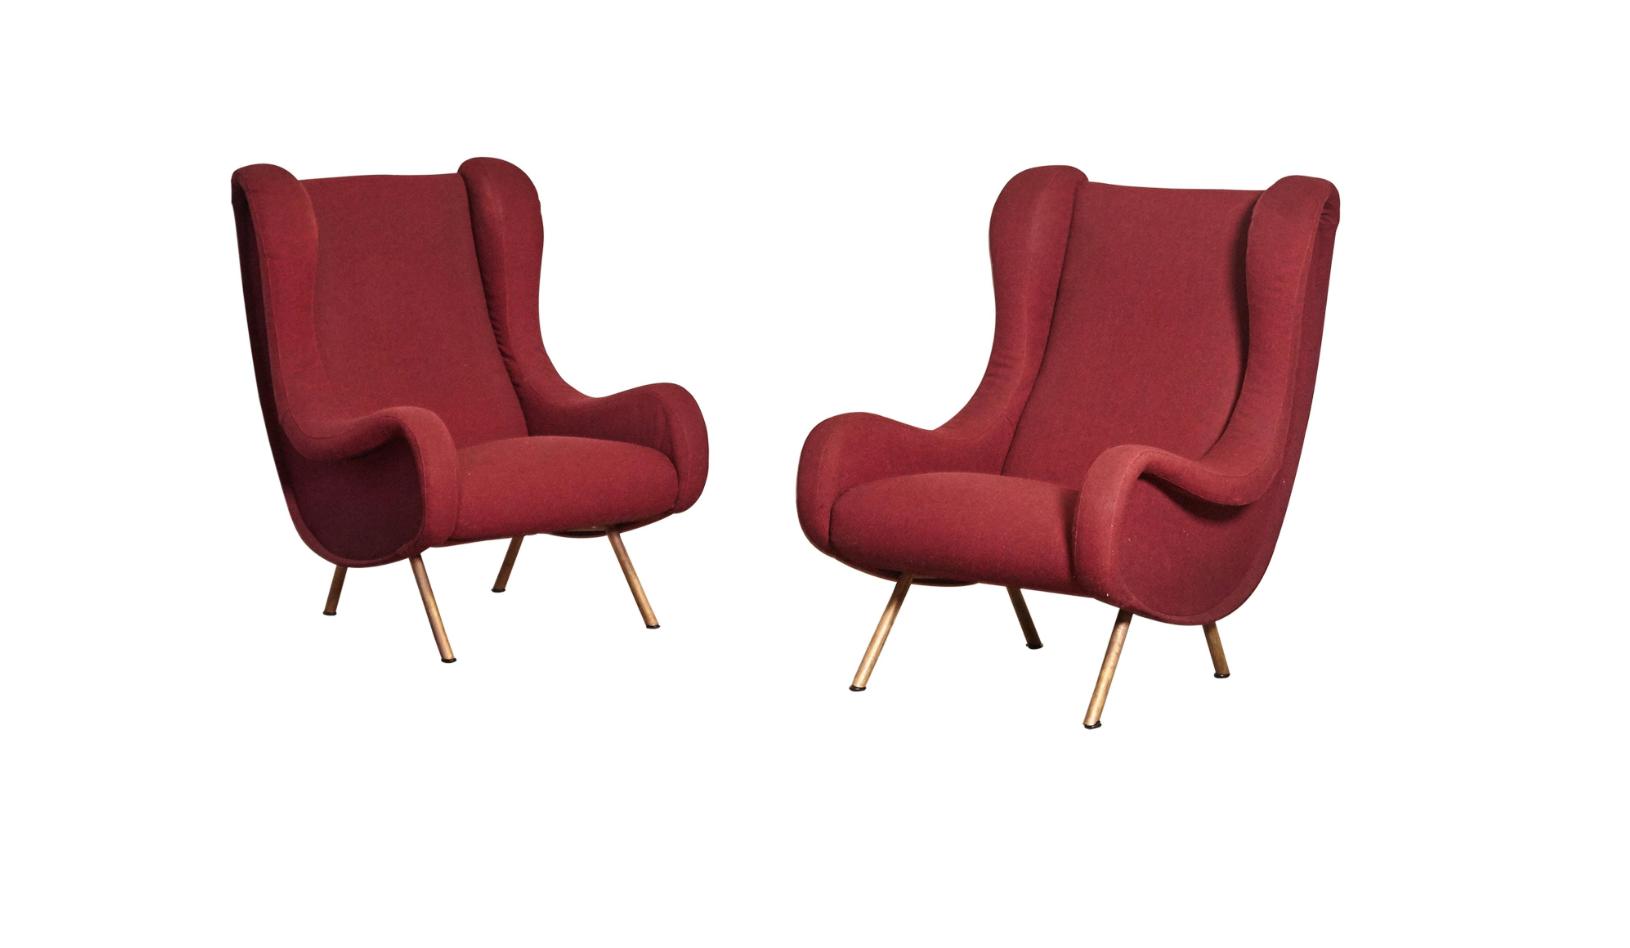 diseñadores de muebles italianos